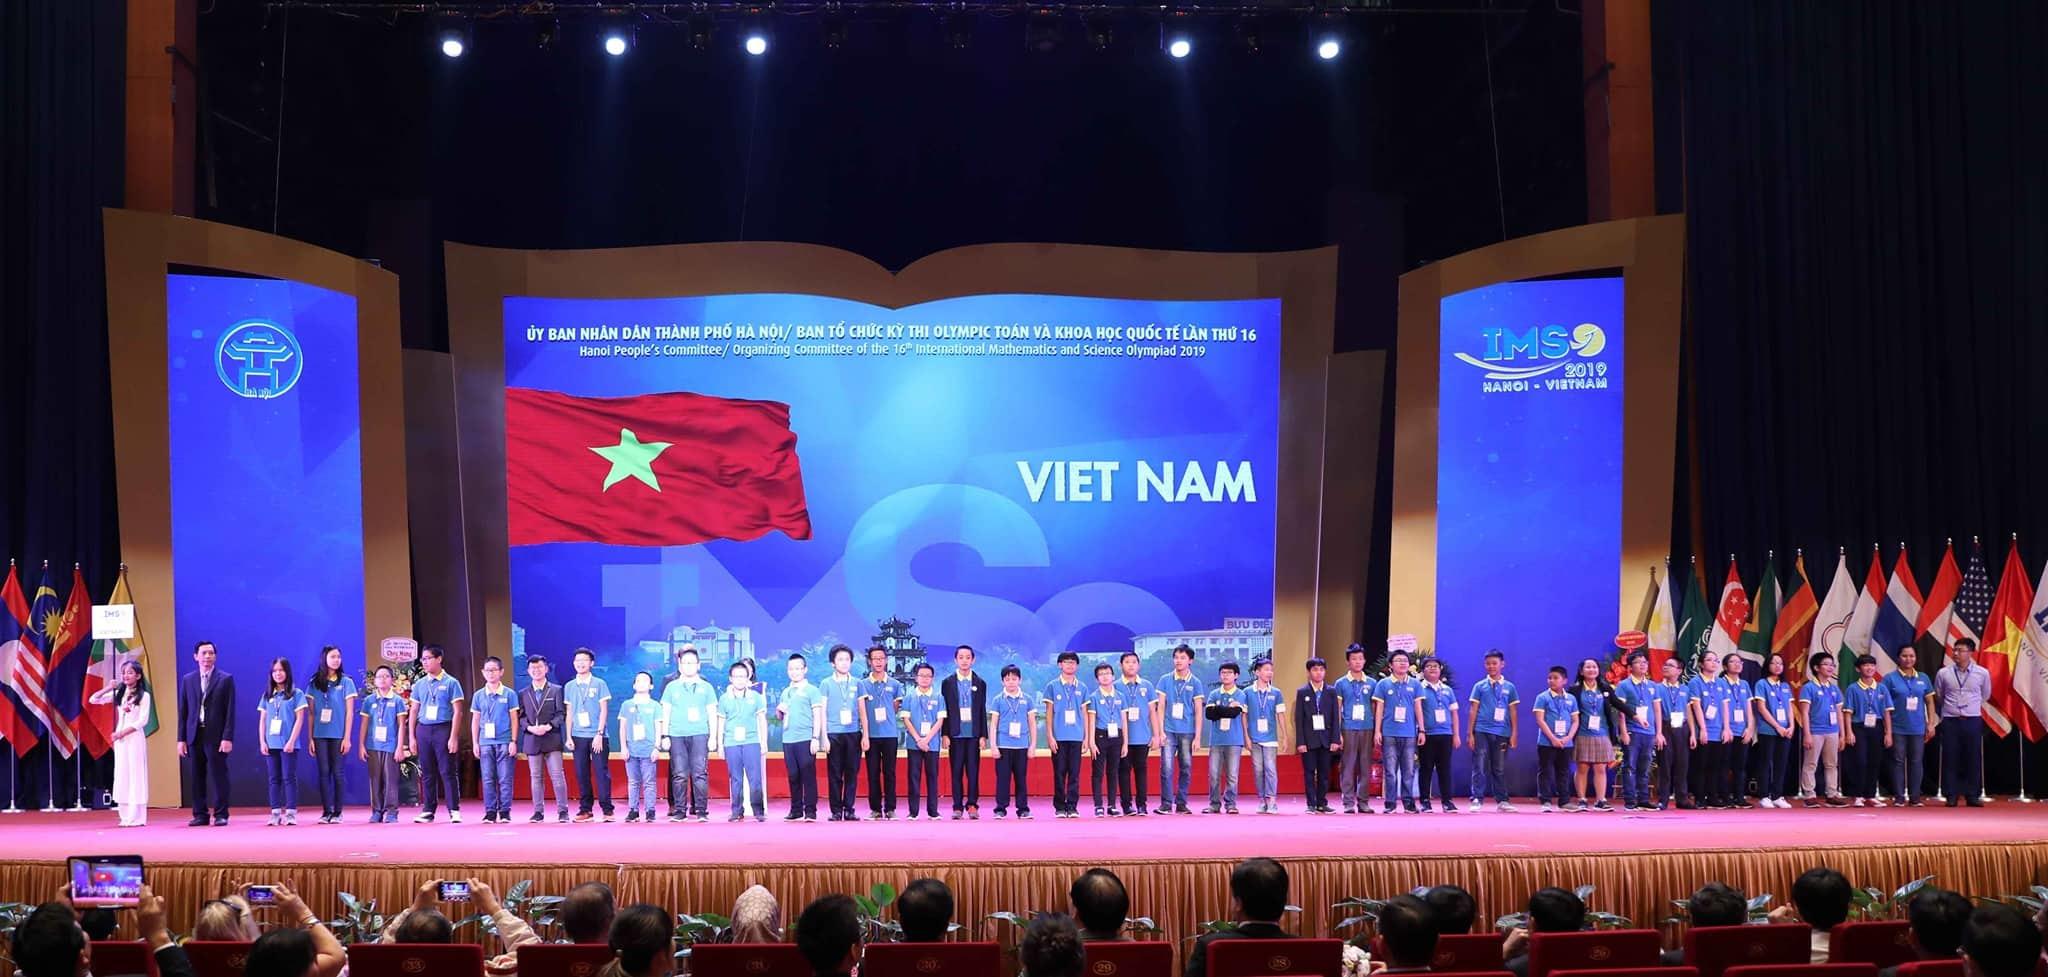 Học sinh từ 23 quốc gia đến Việt Nam thi Olympic Toán và Khoa học quốc tế